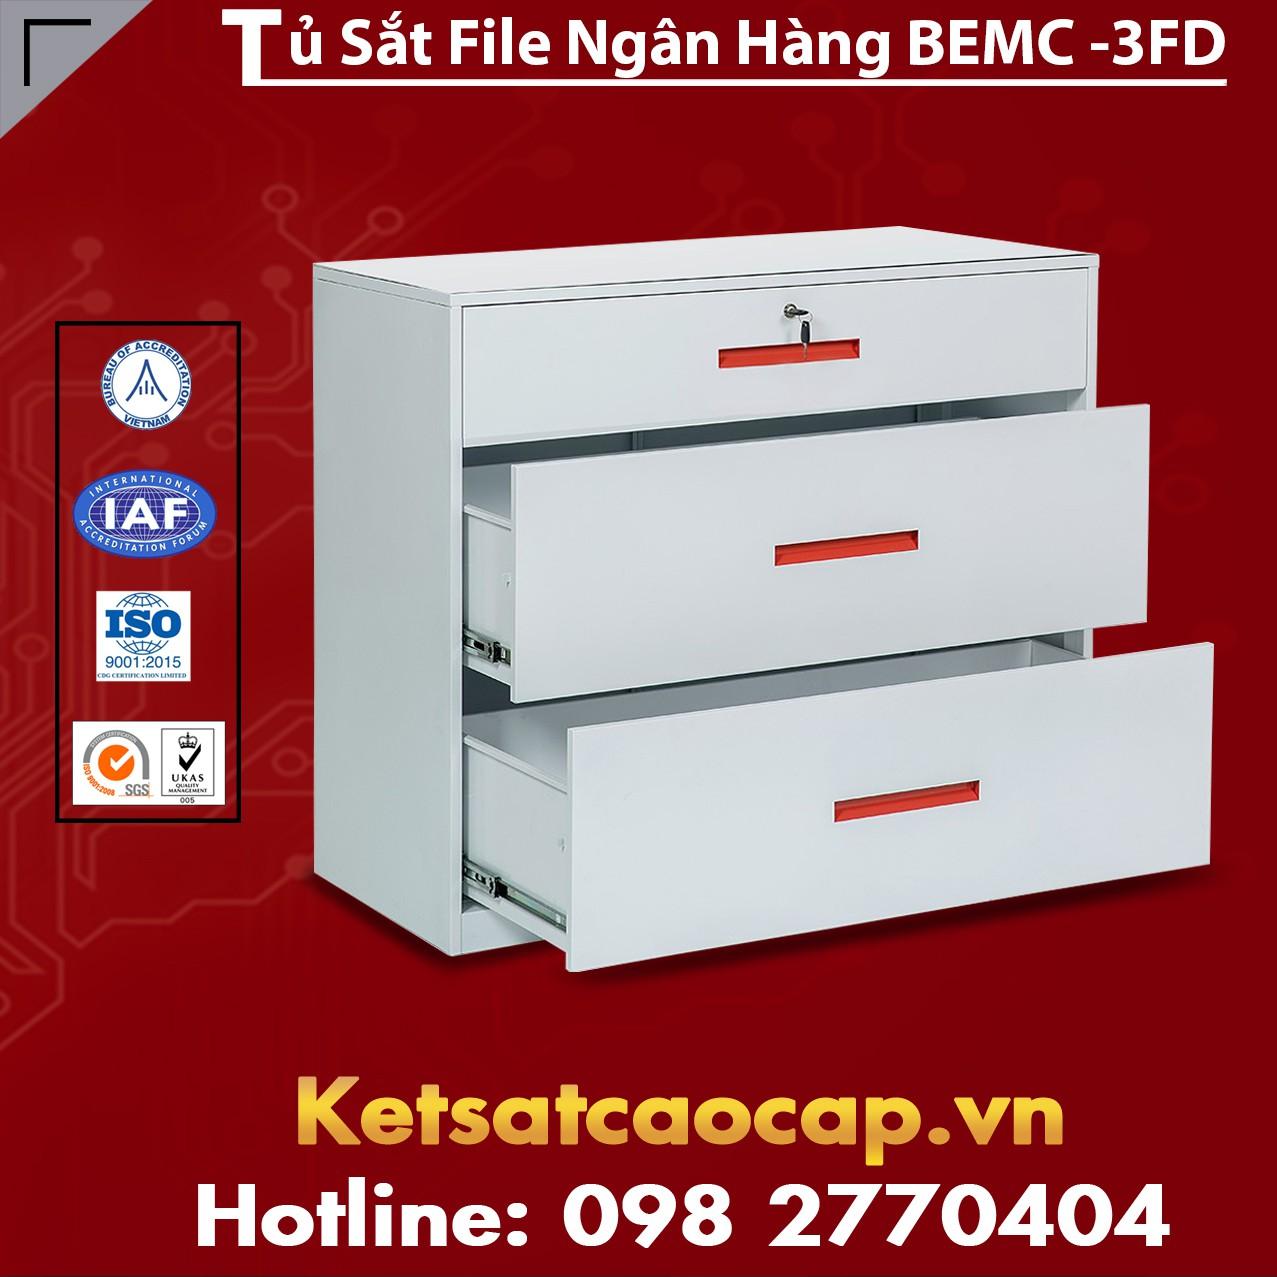 Tủ Sắt File Ngân Hàng BEMC-3FD